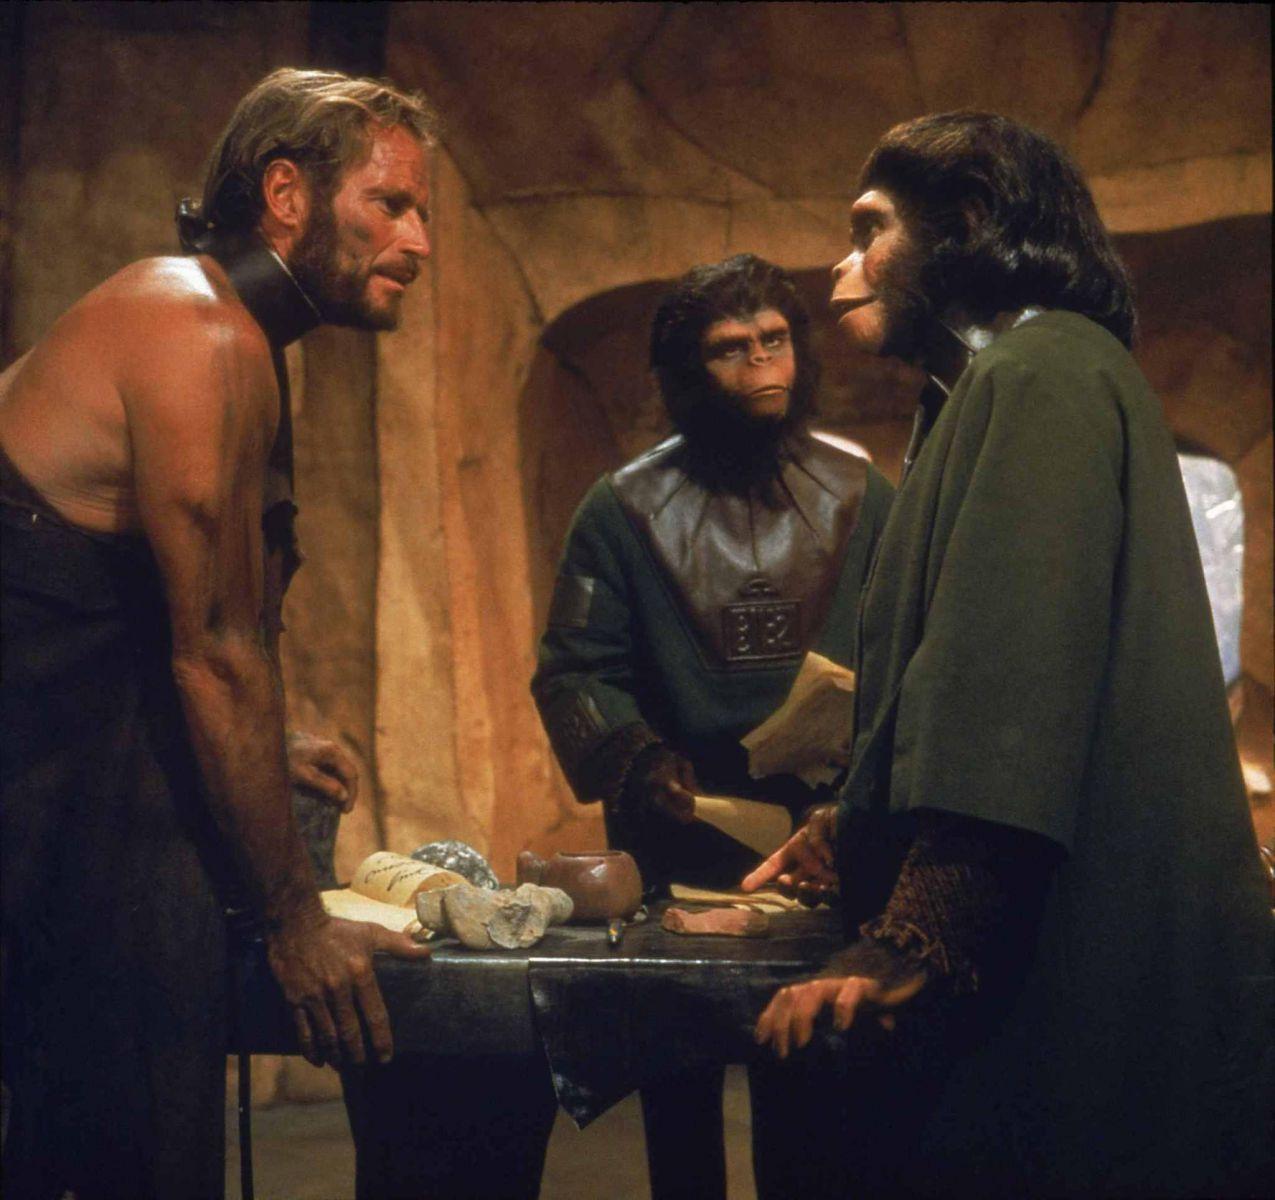 С франшизой «Планета обезьян» за ее многолетнюю историю происходило столько всего, что об этом можно